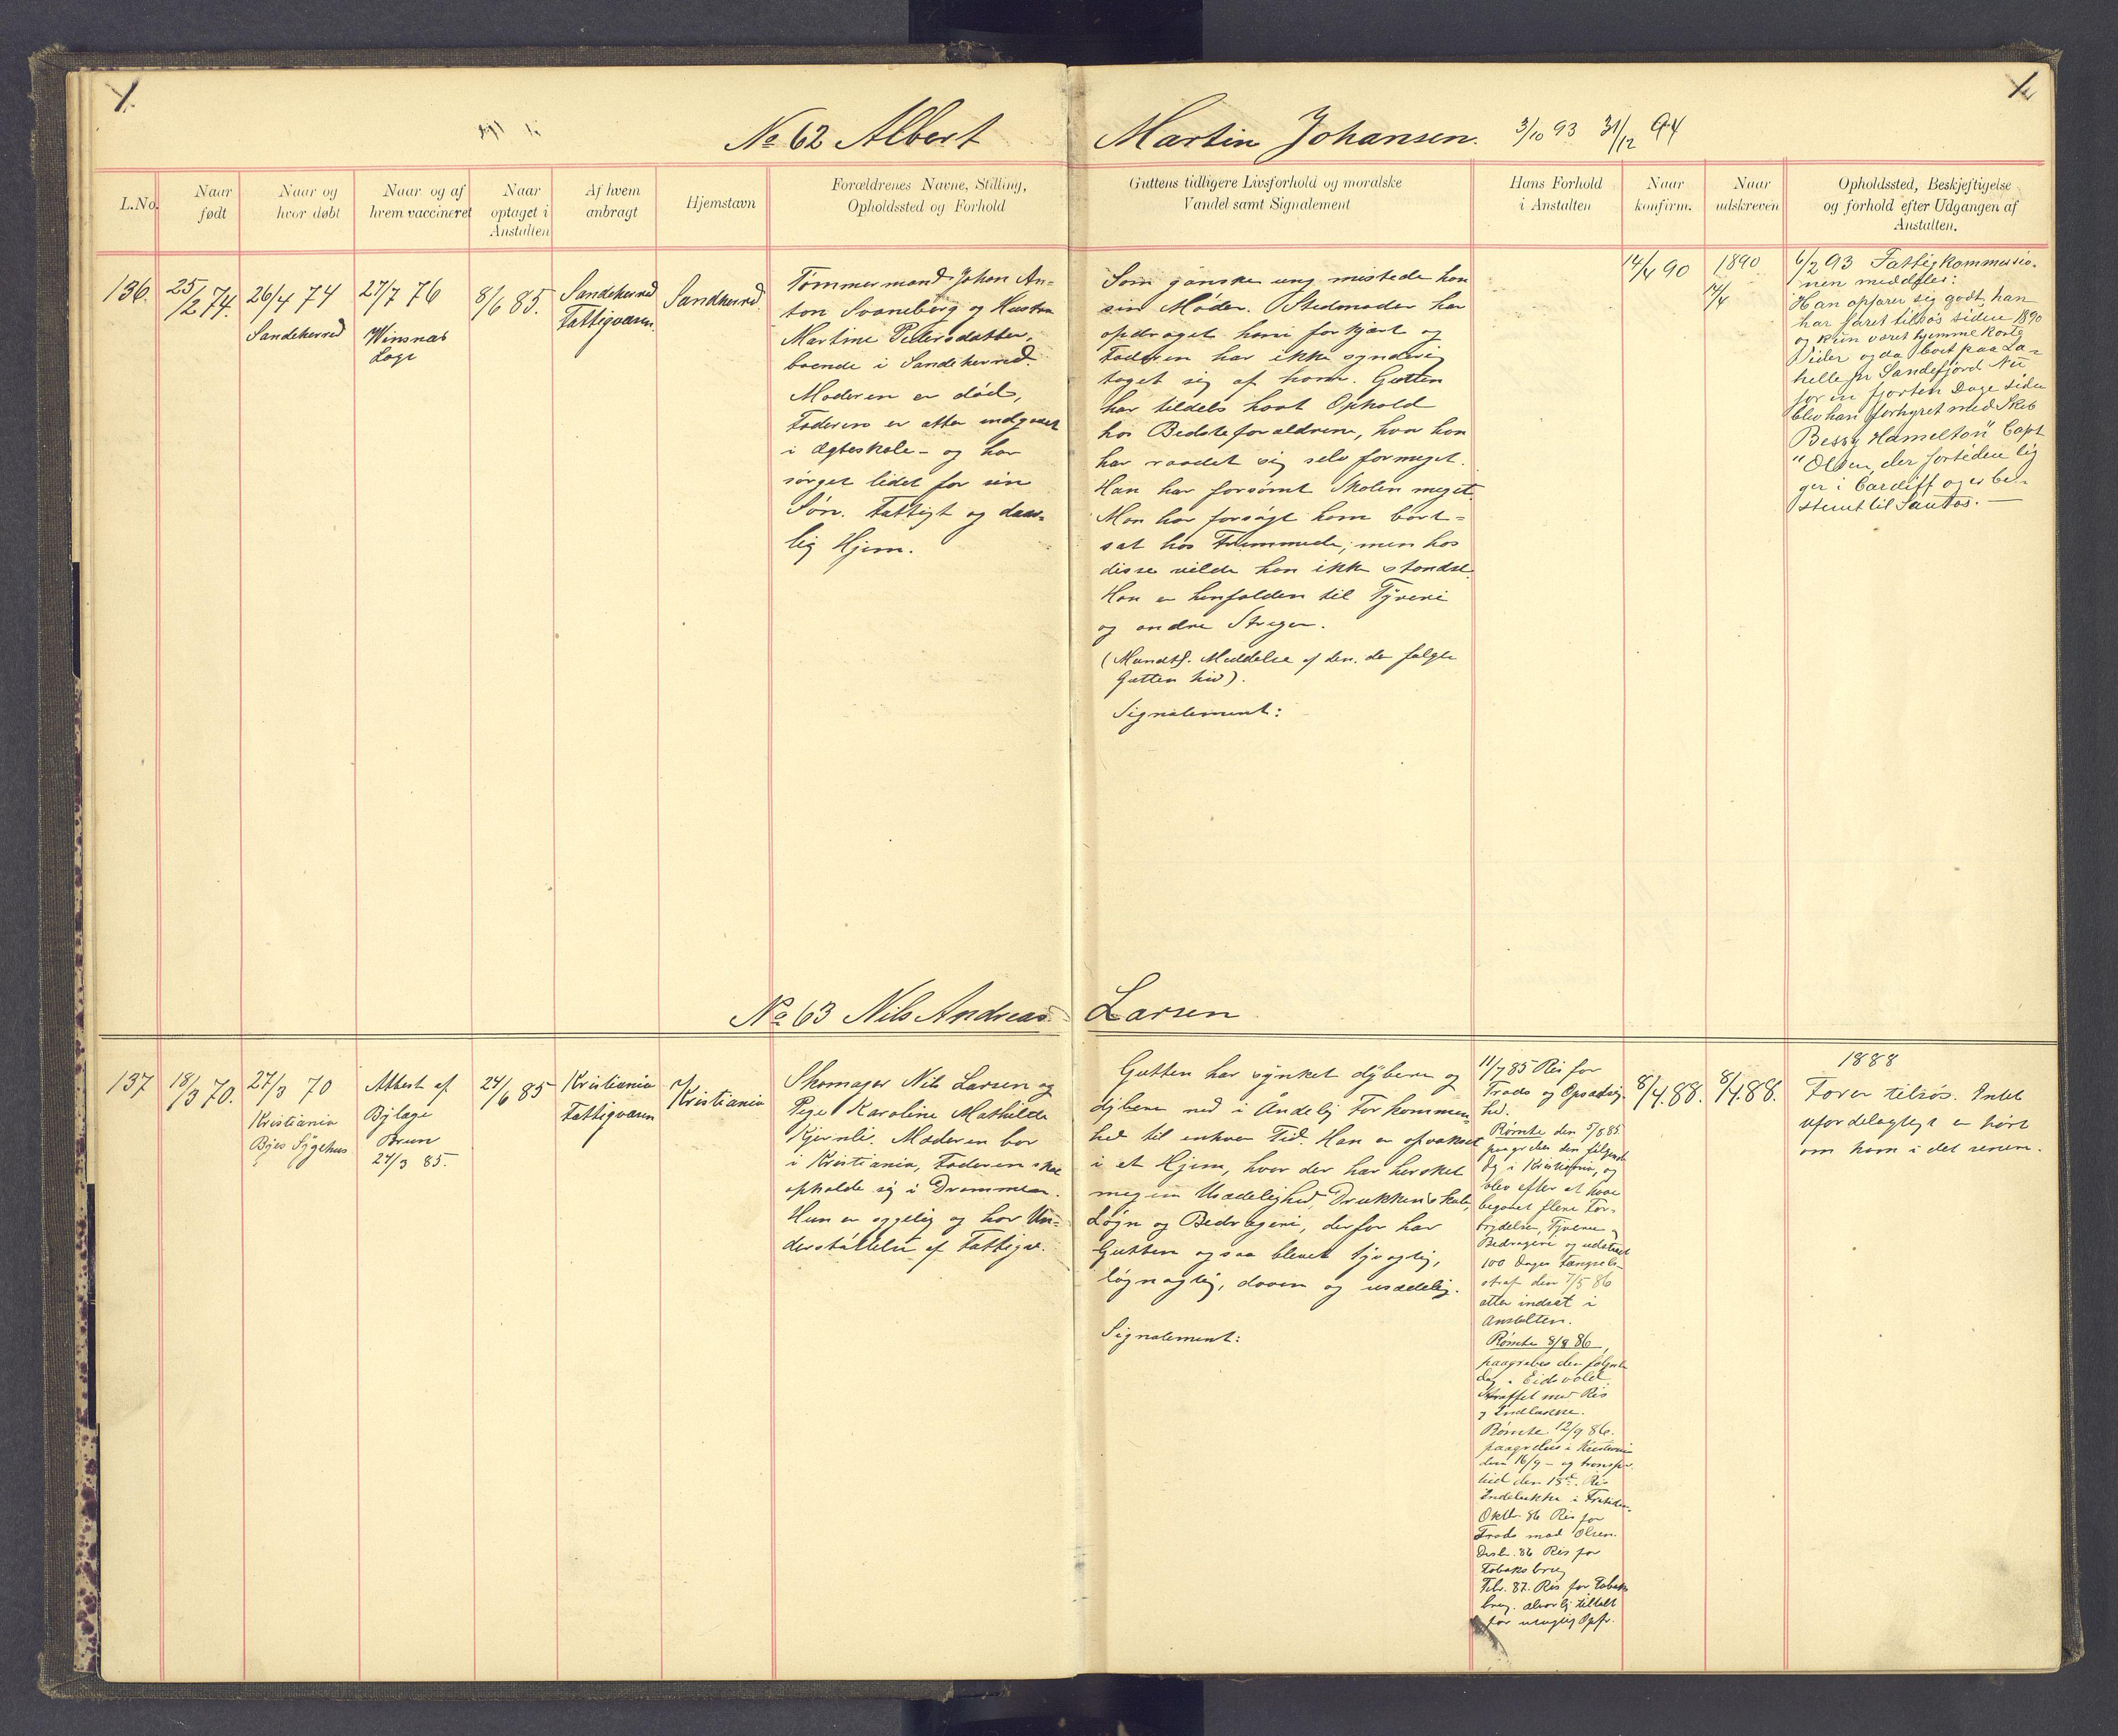 SAH, Toftes Gave, F/Fc/L0004: Elevprotokoll, 1885-1897, s. 1